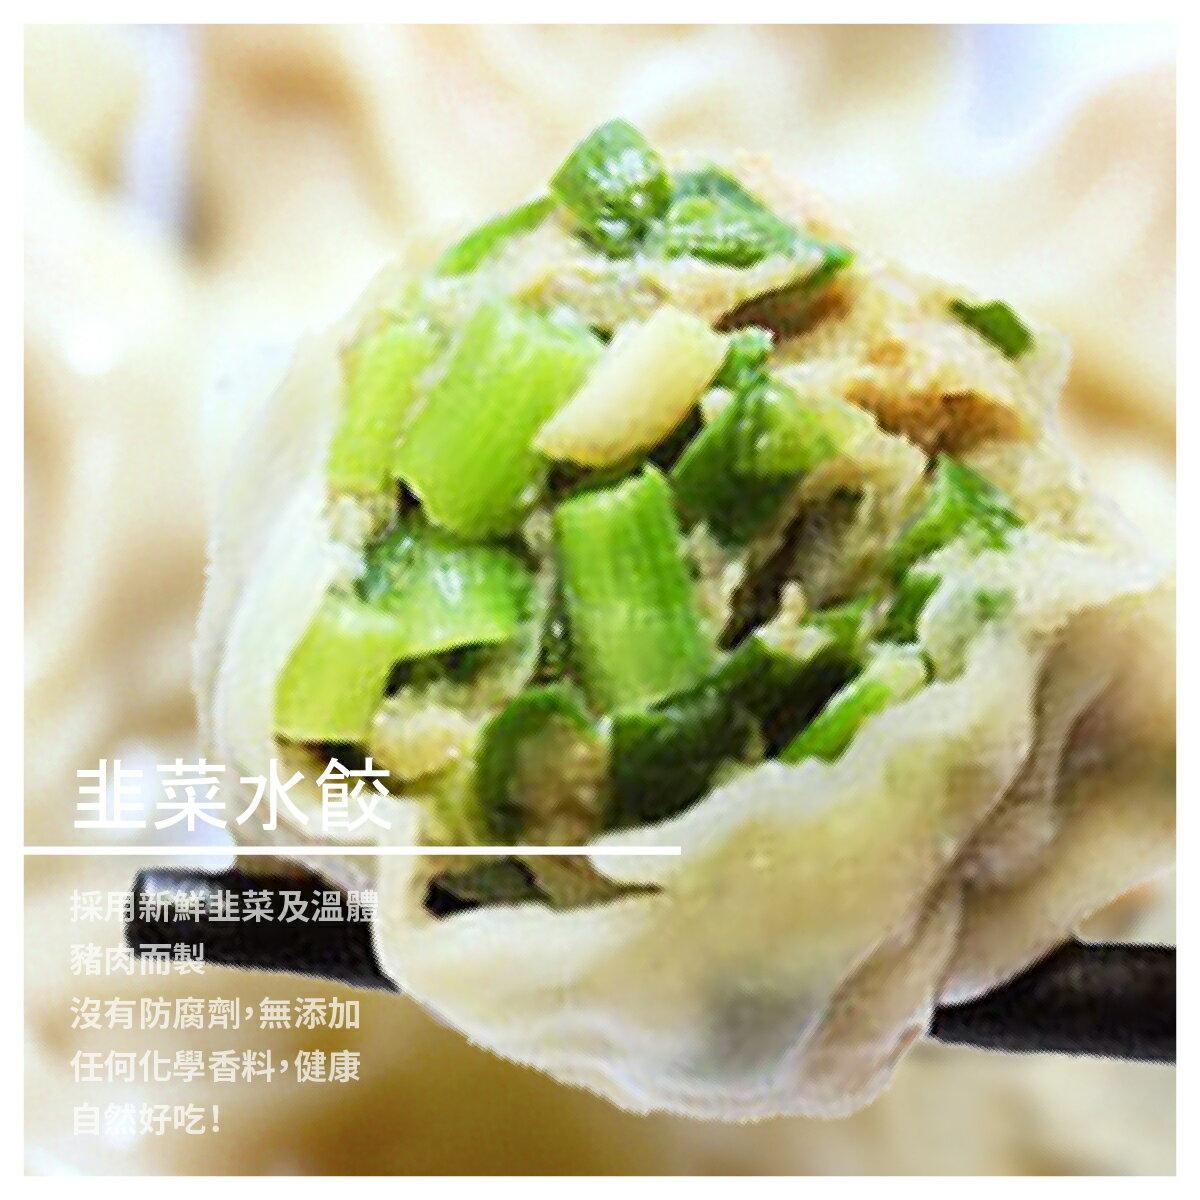 【黑豬泰國蝦宅配】韭菜水餃 50顆/袋